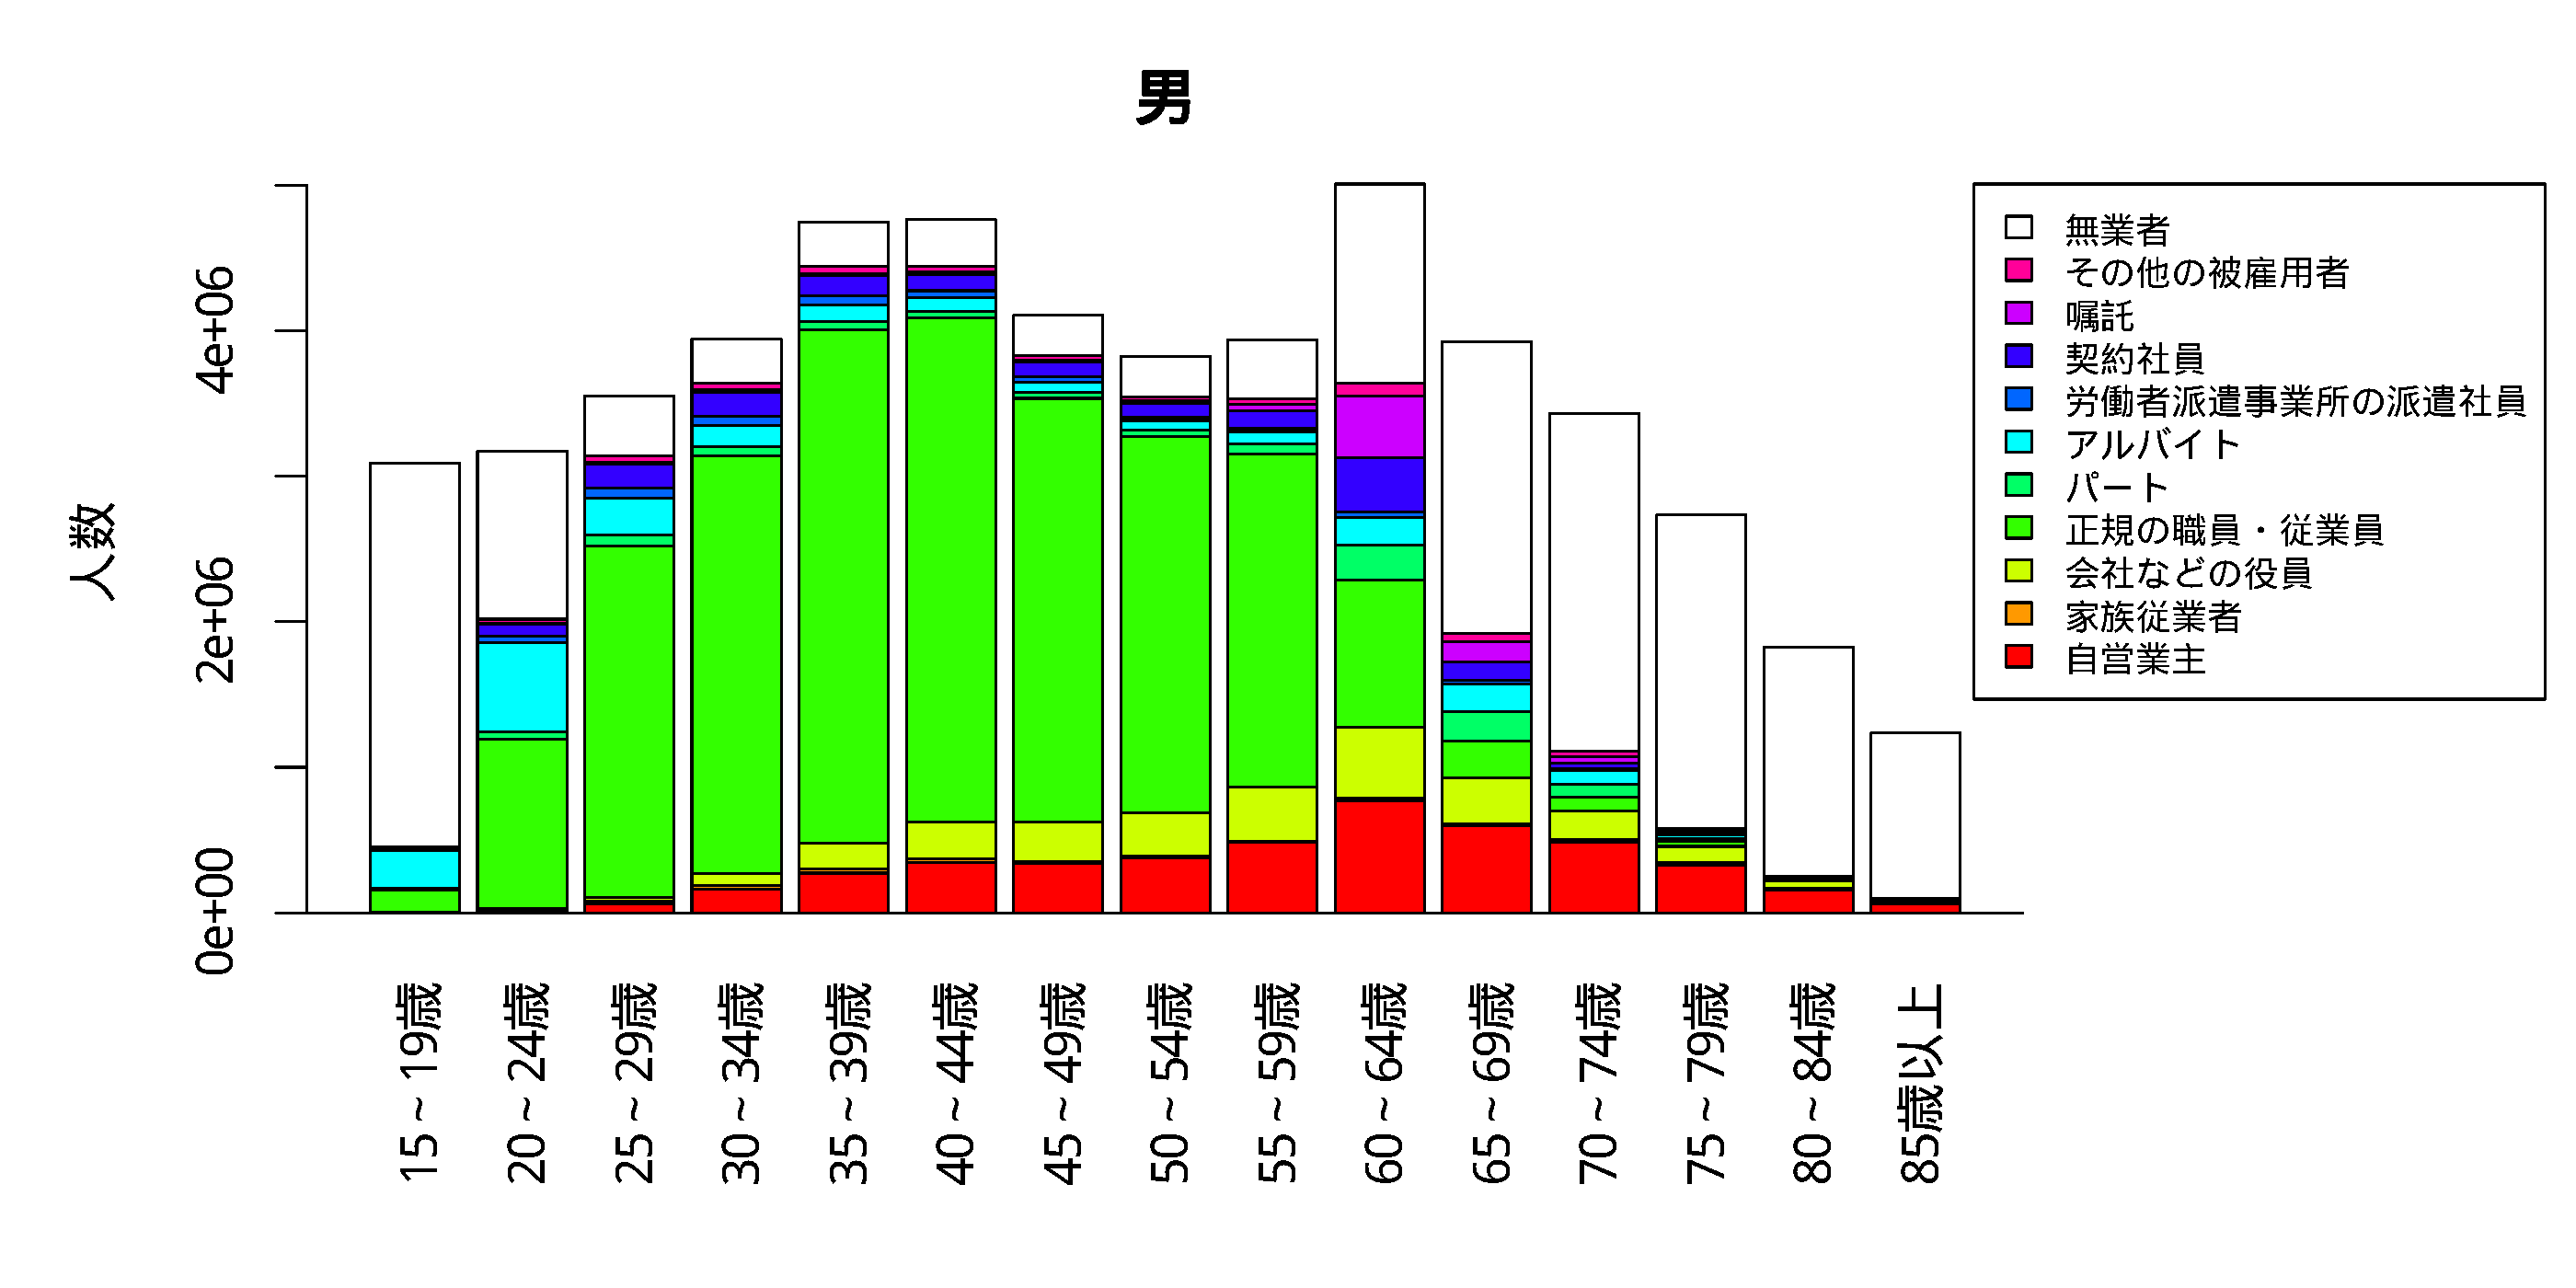 各年齢層における雇用形態の分布 男